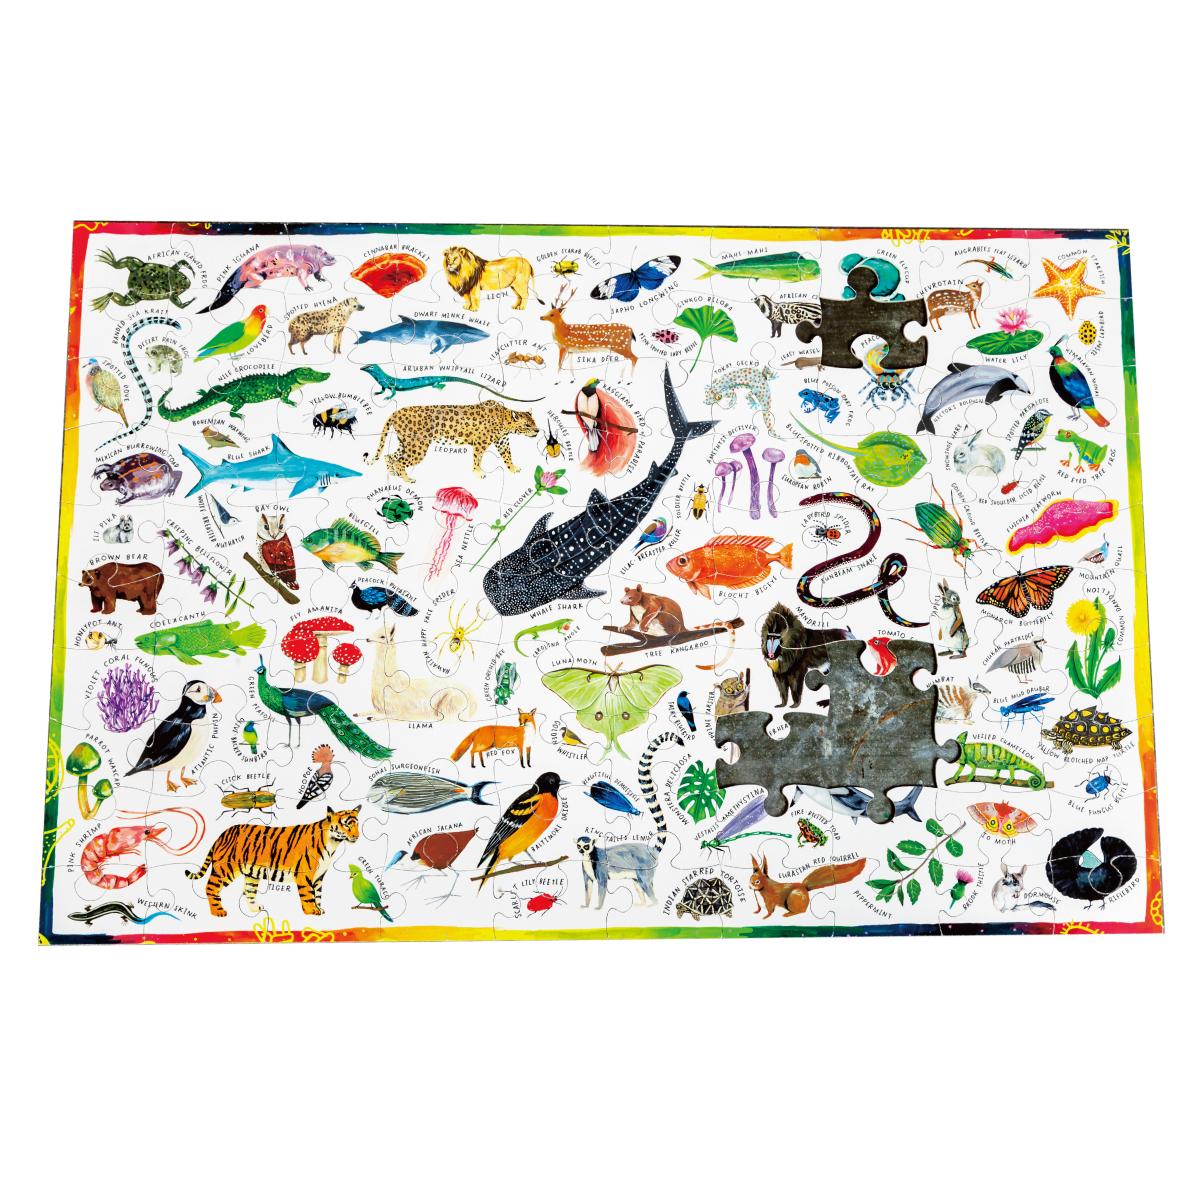 100ピースパズル 色とりどりの生物